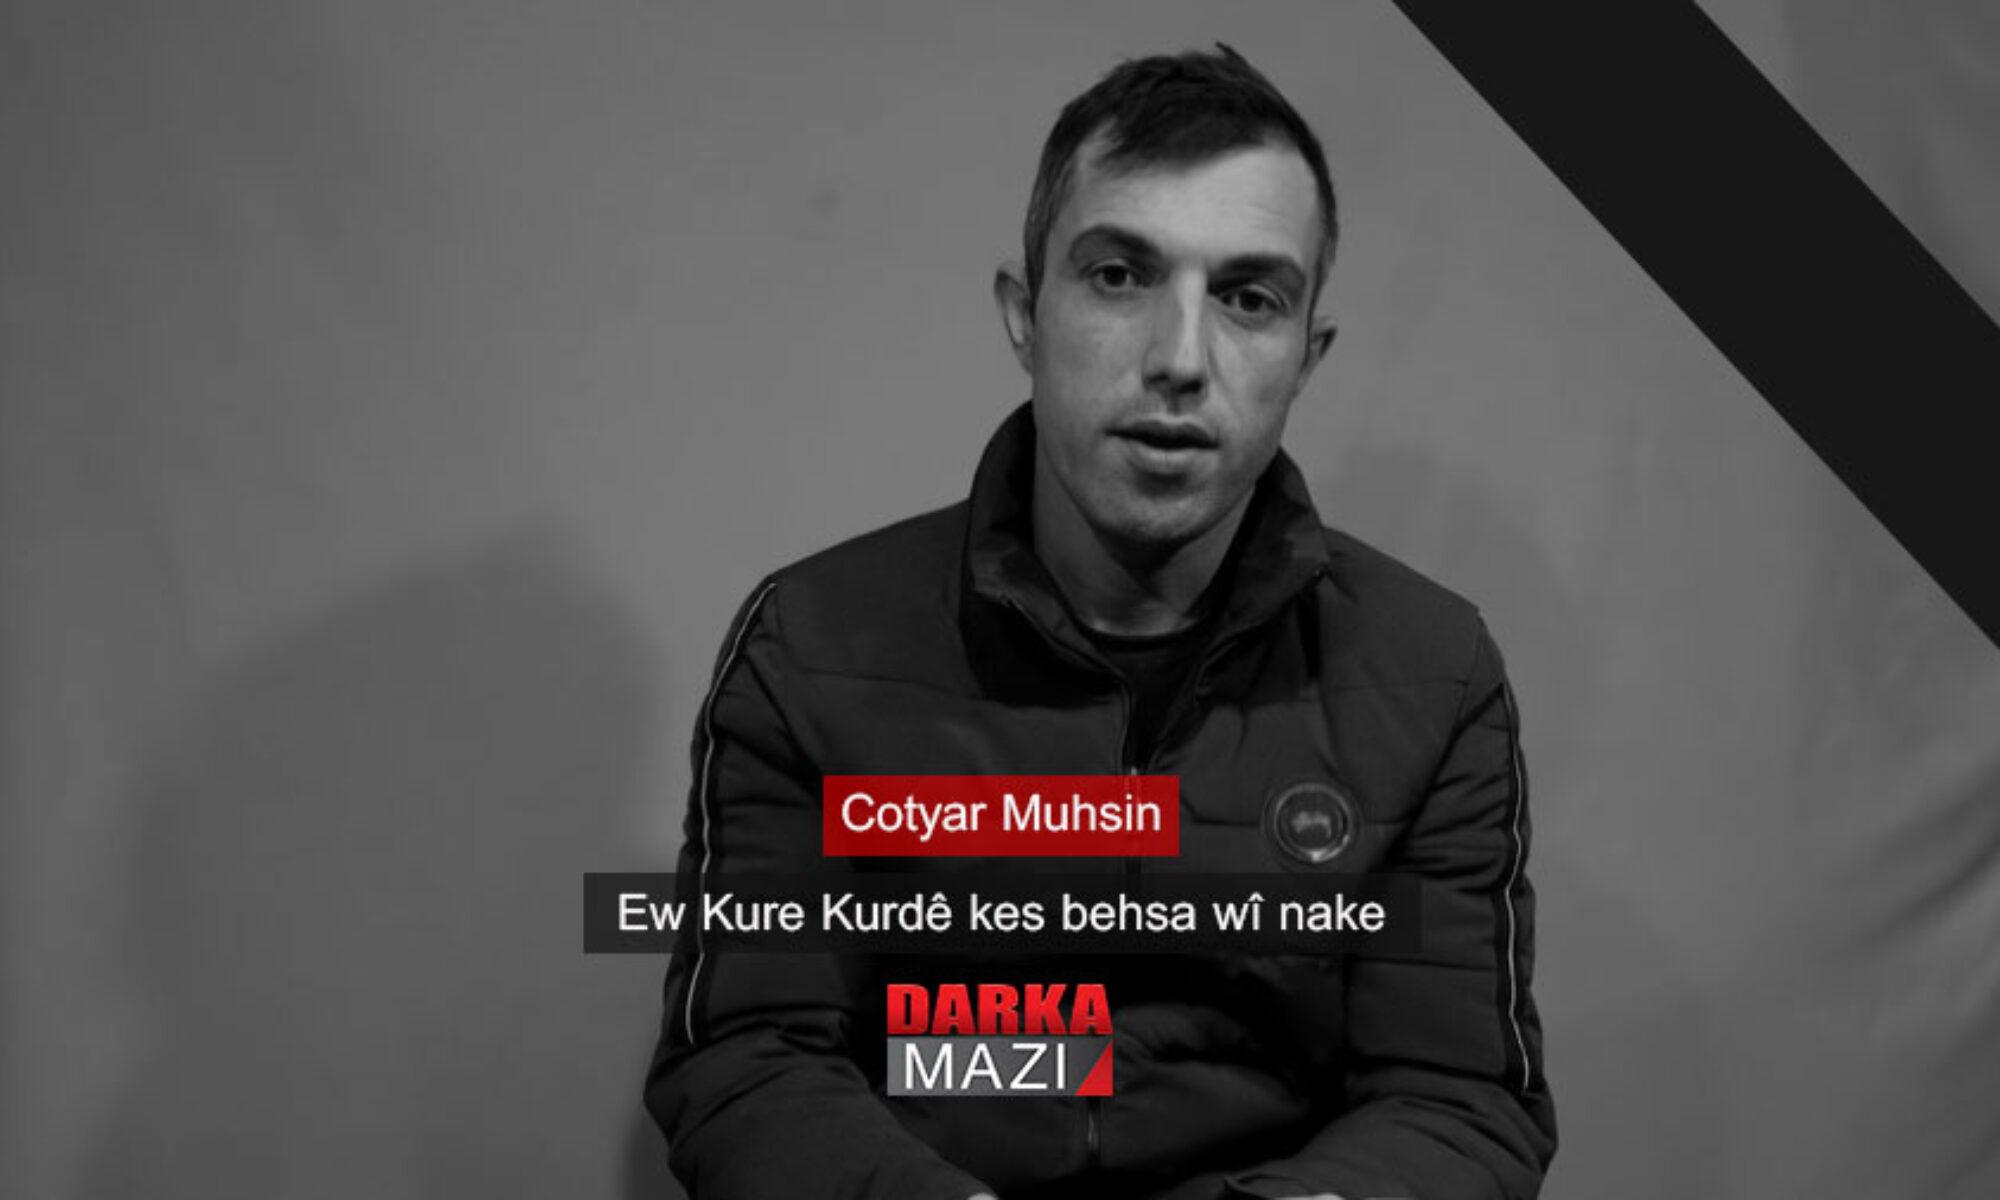 PKK tarafından esir alınan,Gare'de hayatını kaybeden Duhok'lu gencin cenazesi Kürdistan'a getirildi